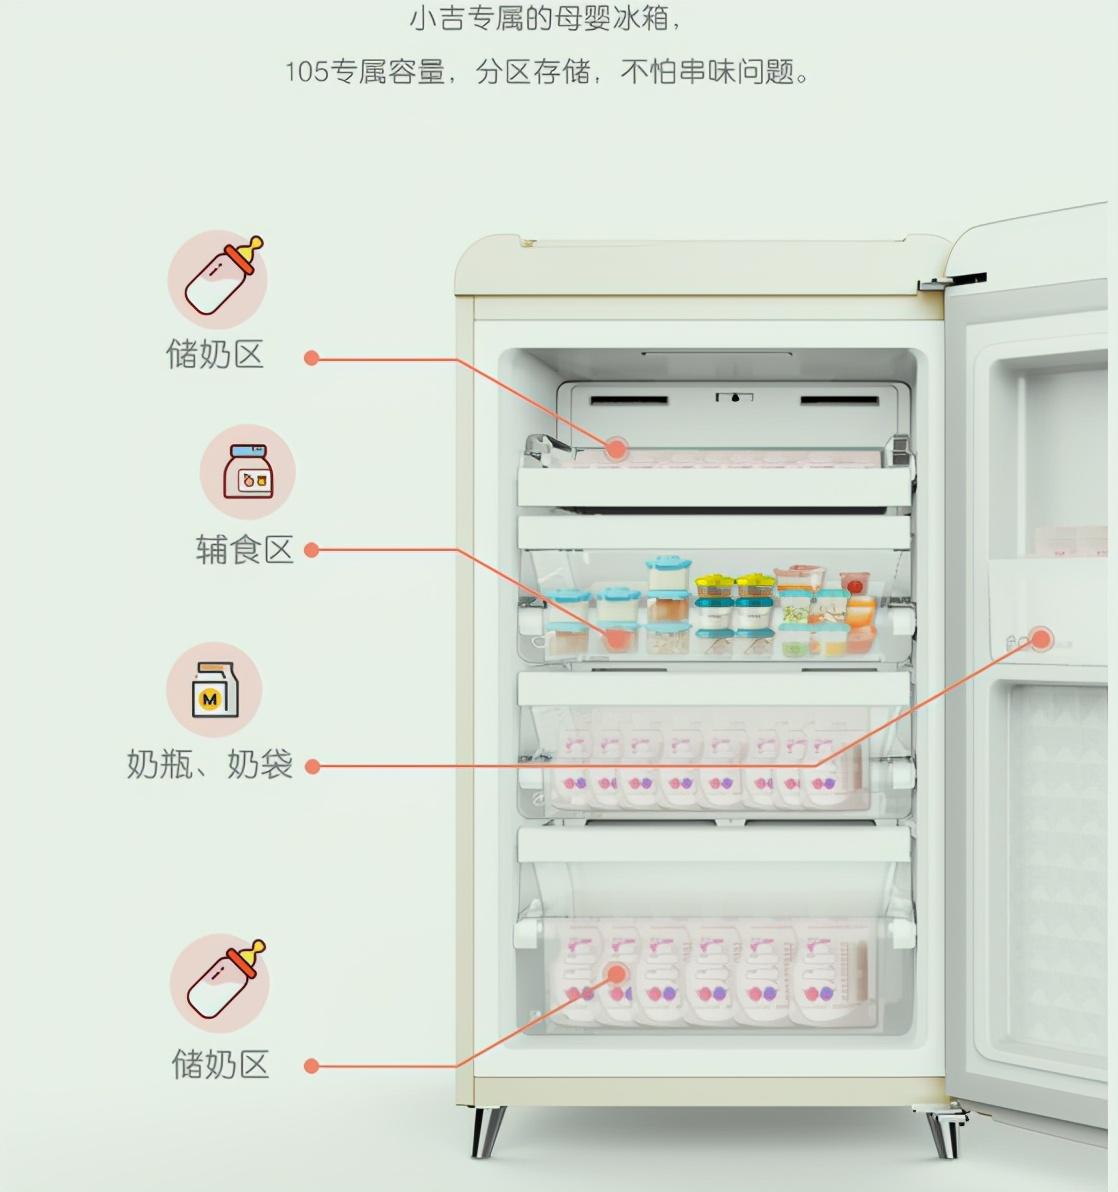 小吉母婴冰箱有什么不一样,看完这个你就懂了